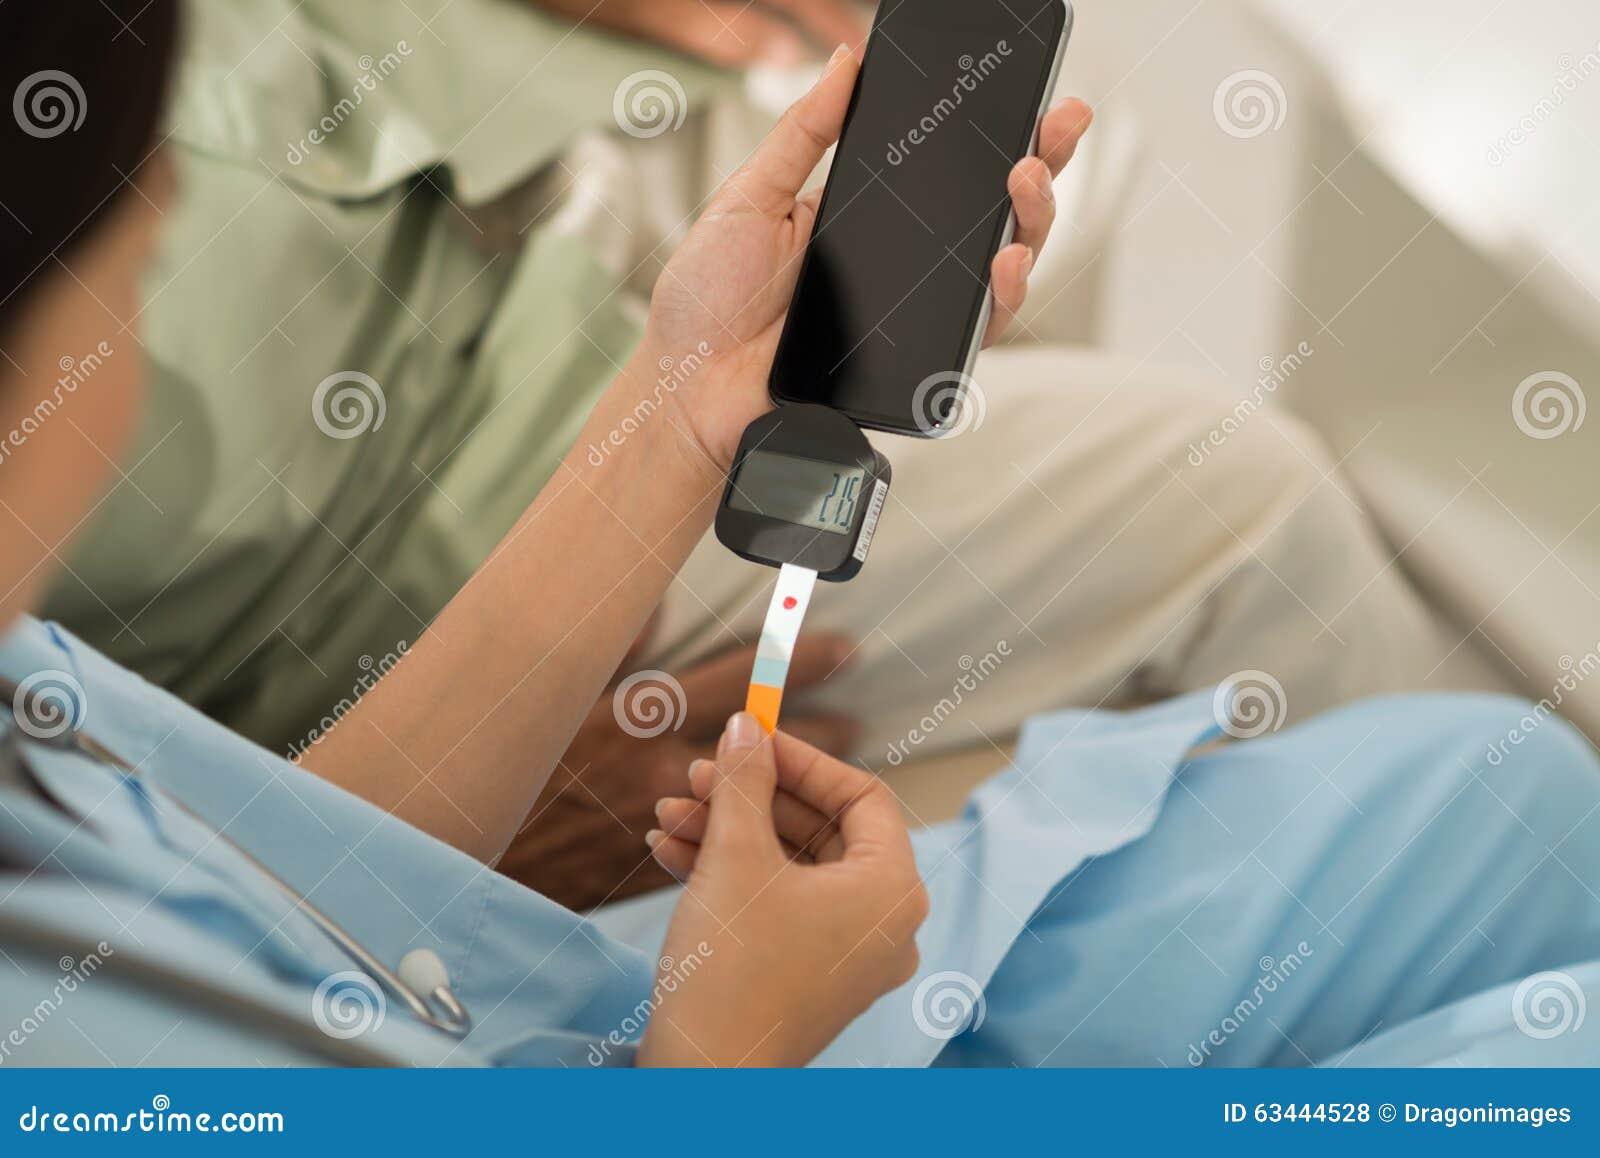 Prüfung des Blutzuckerspiegels